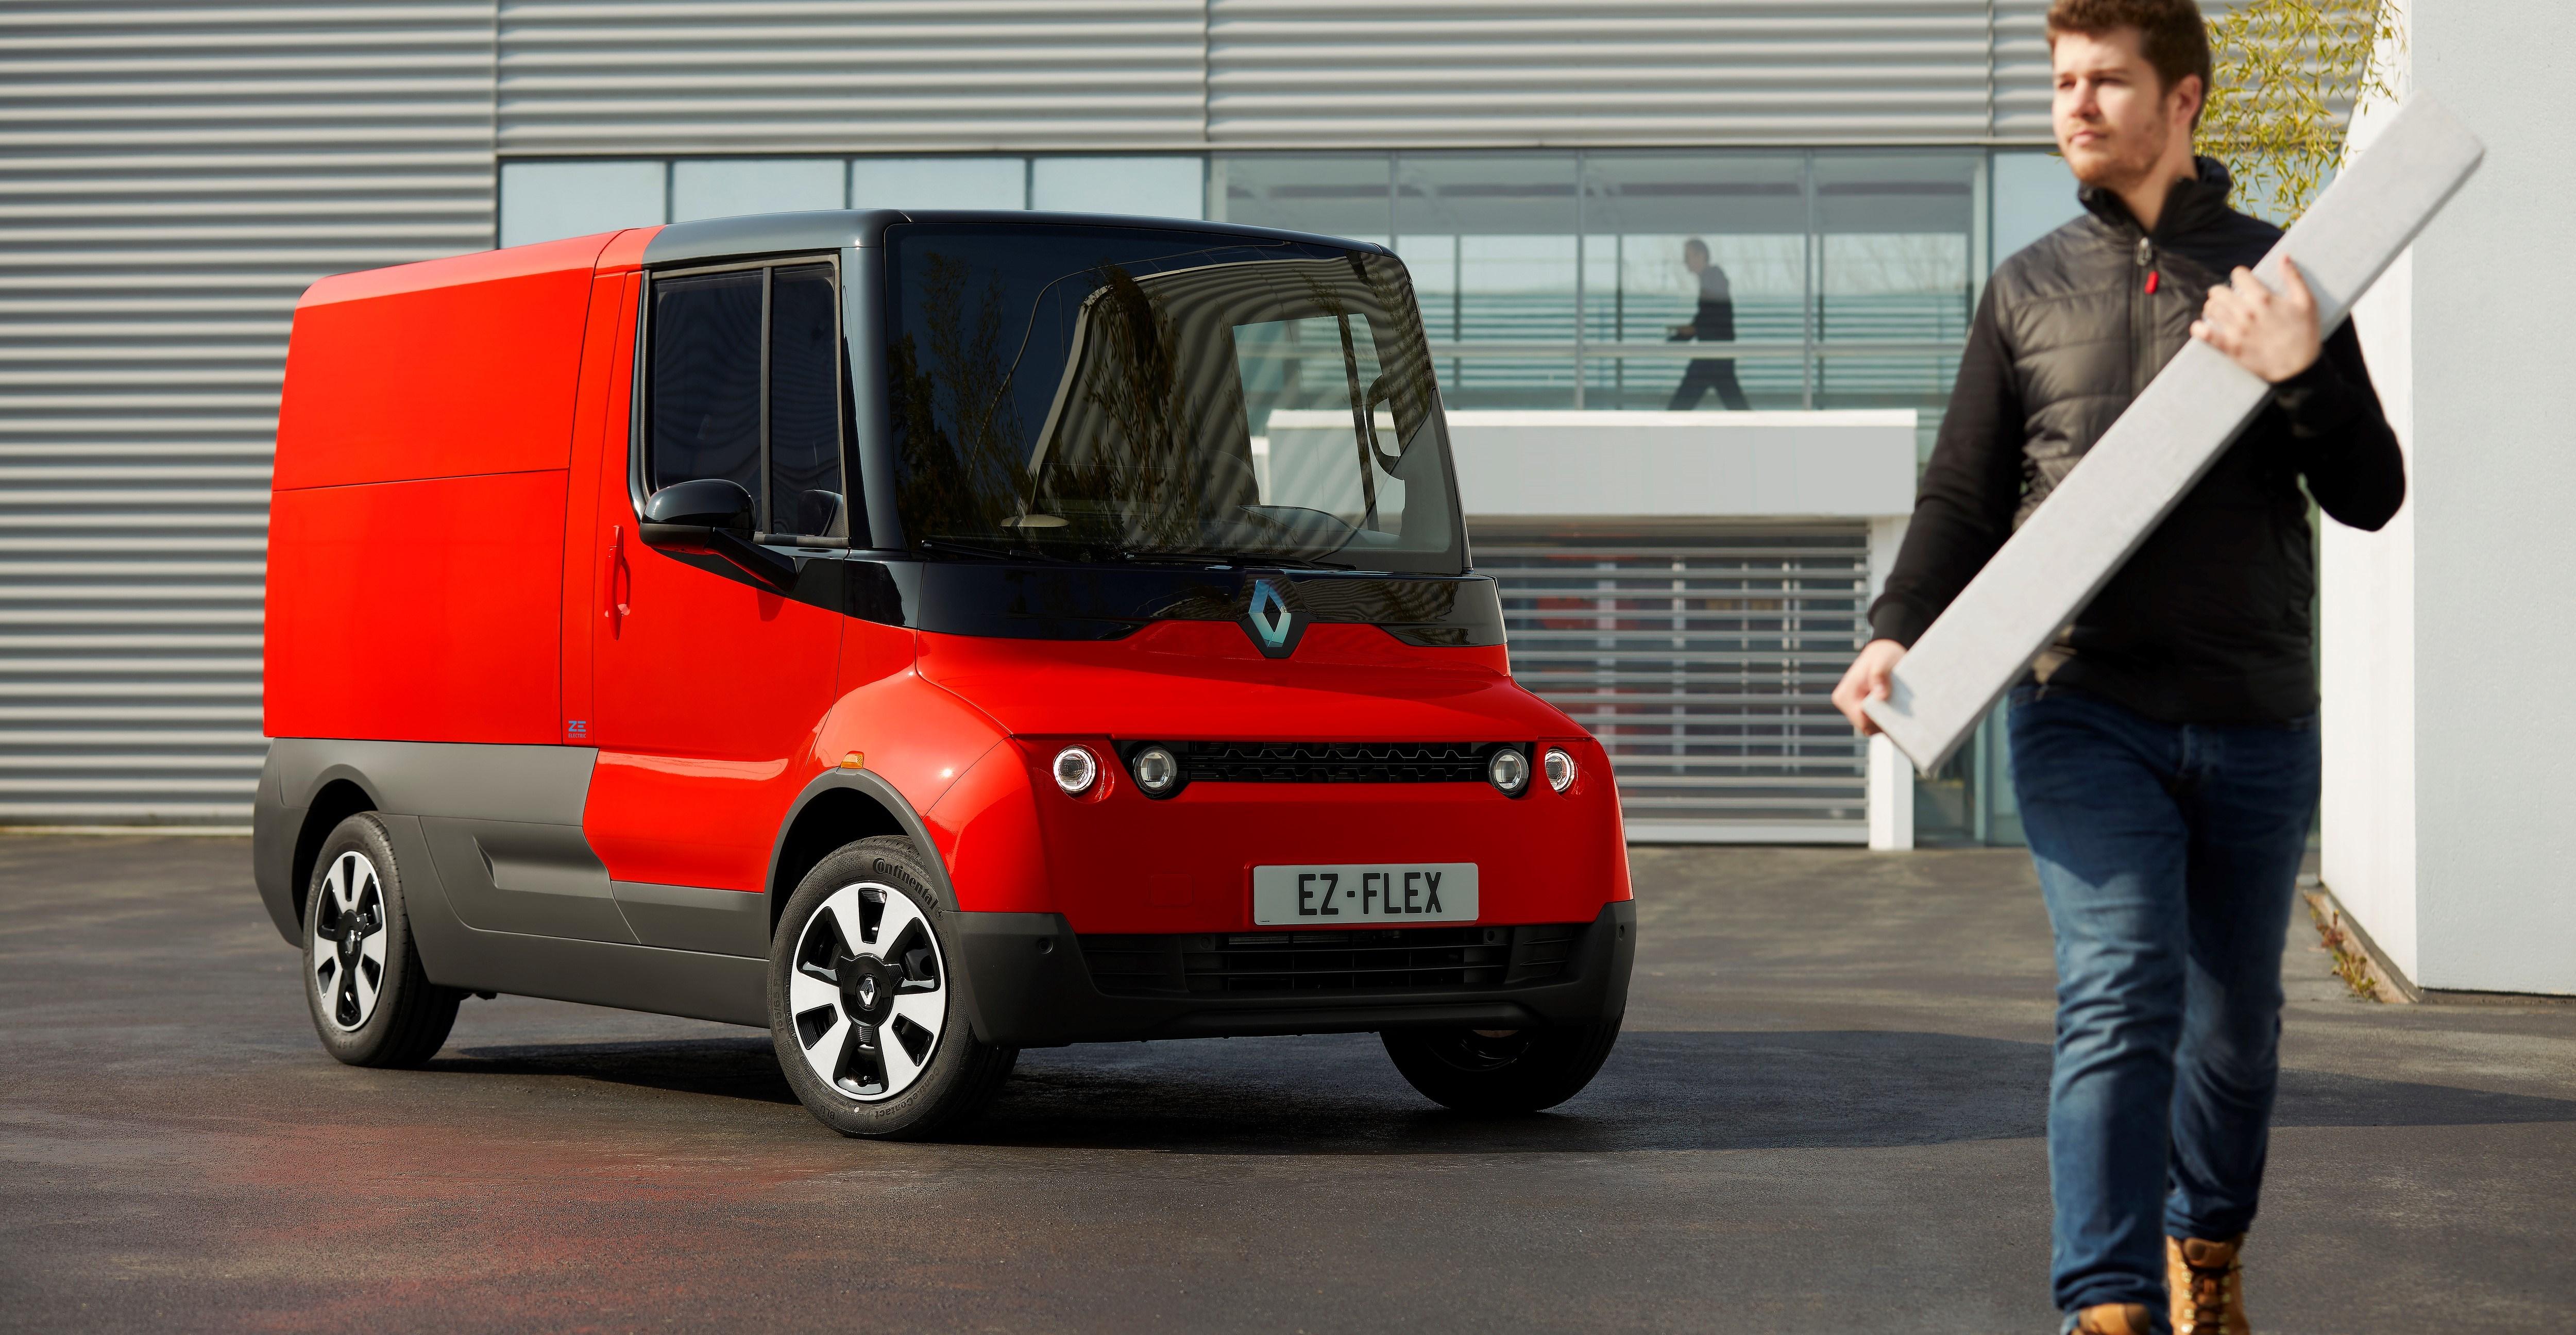 Schemi Elettrici Renault : Consegne in elettrico: la renault fuori dagli schemi vaielettrico